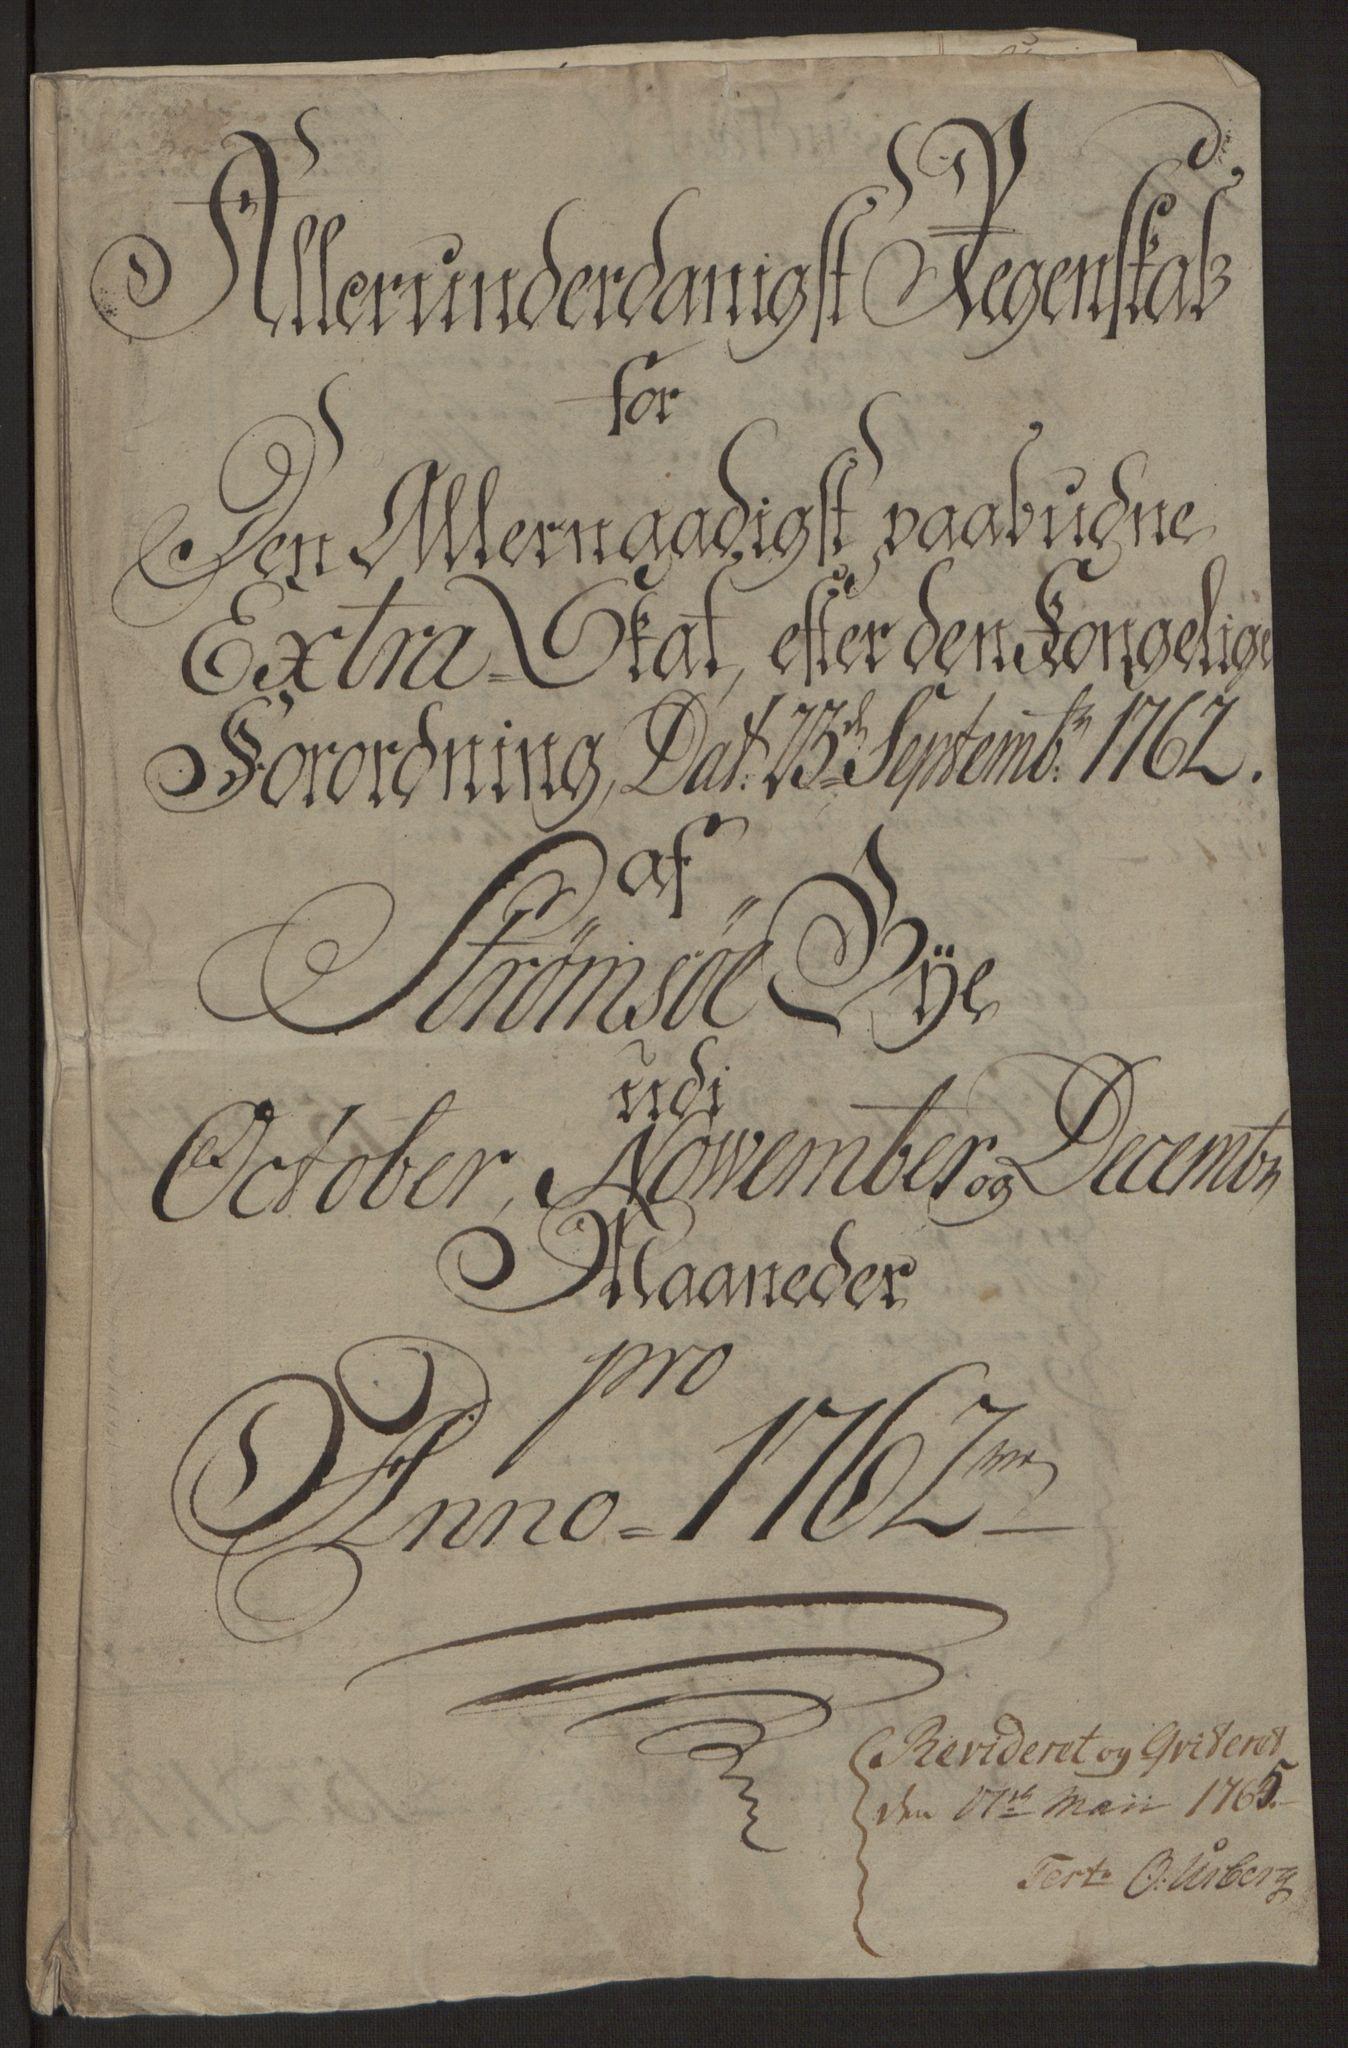 RA, Rentekammeret inntil 1814, Reviderte regnskaper, Byregnskaper, R/Rg/L0144: [G4] Kontribusjonsregnskap, 1762-1767, s. 4